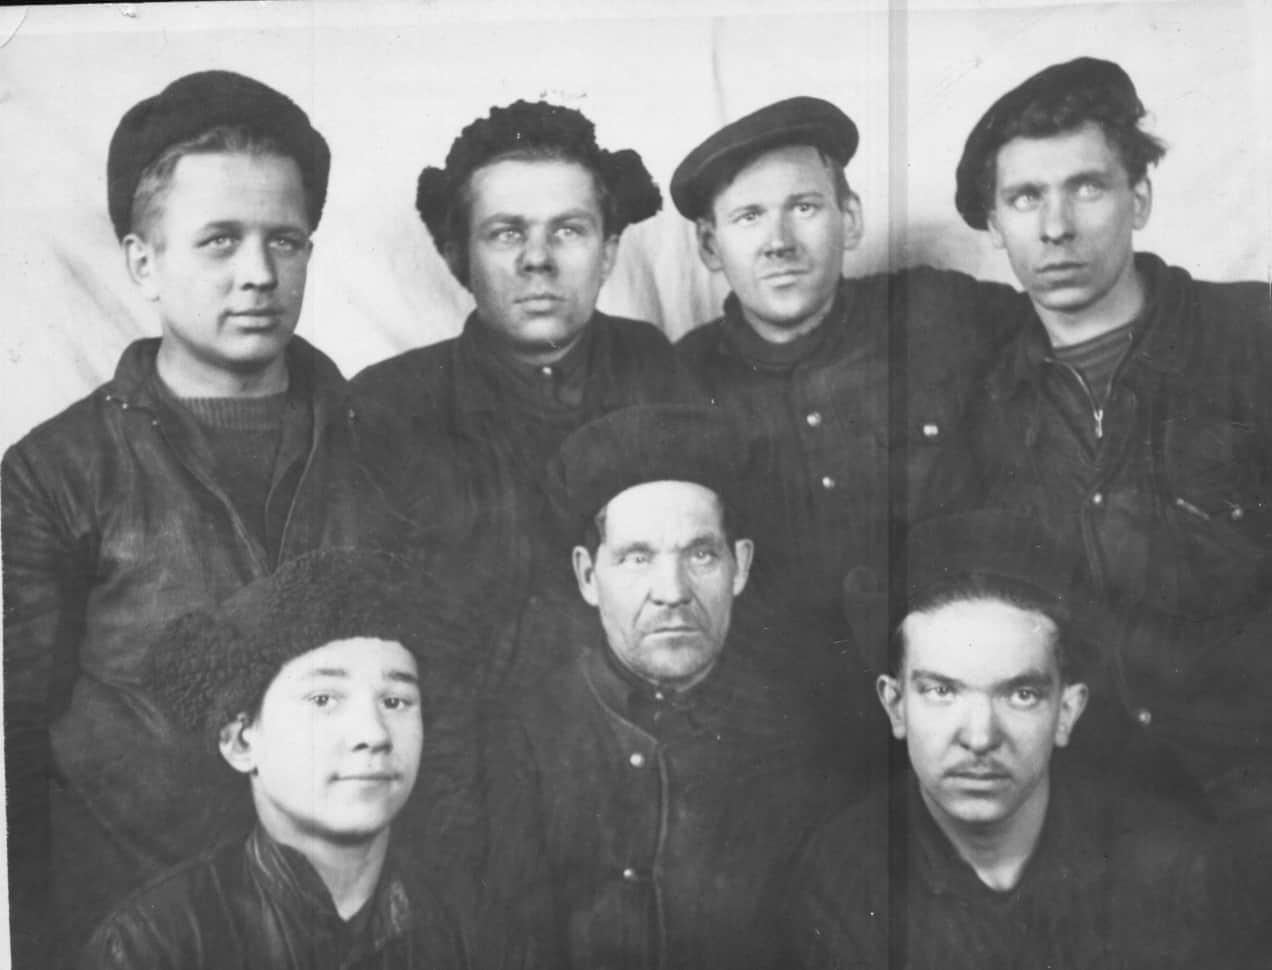 Коллектив электроцеха, в центре мастер Александр Павлович, стоит крайний слева Леня. Игорь Григович в первом ряду крайний справа. 1950 год